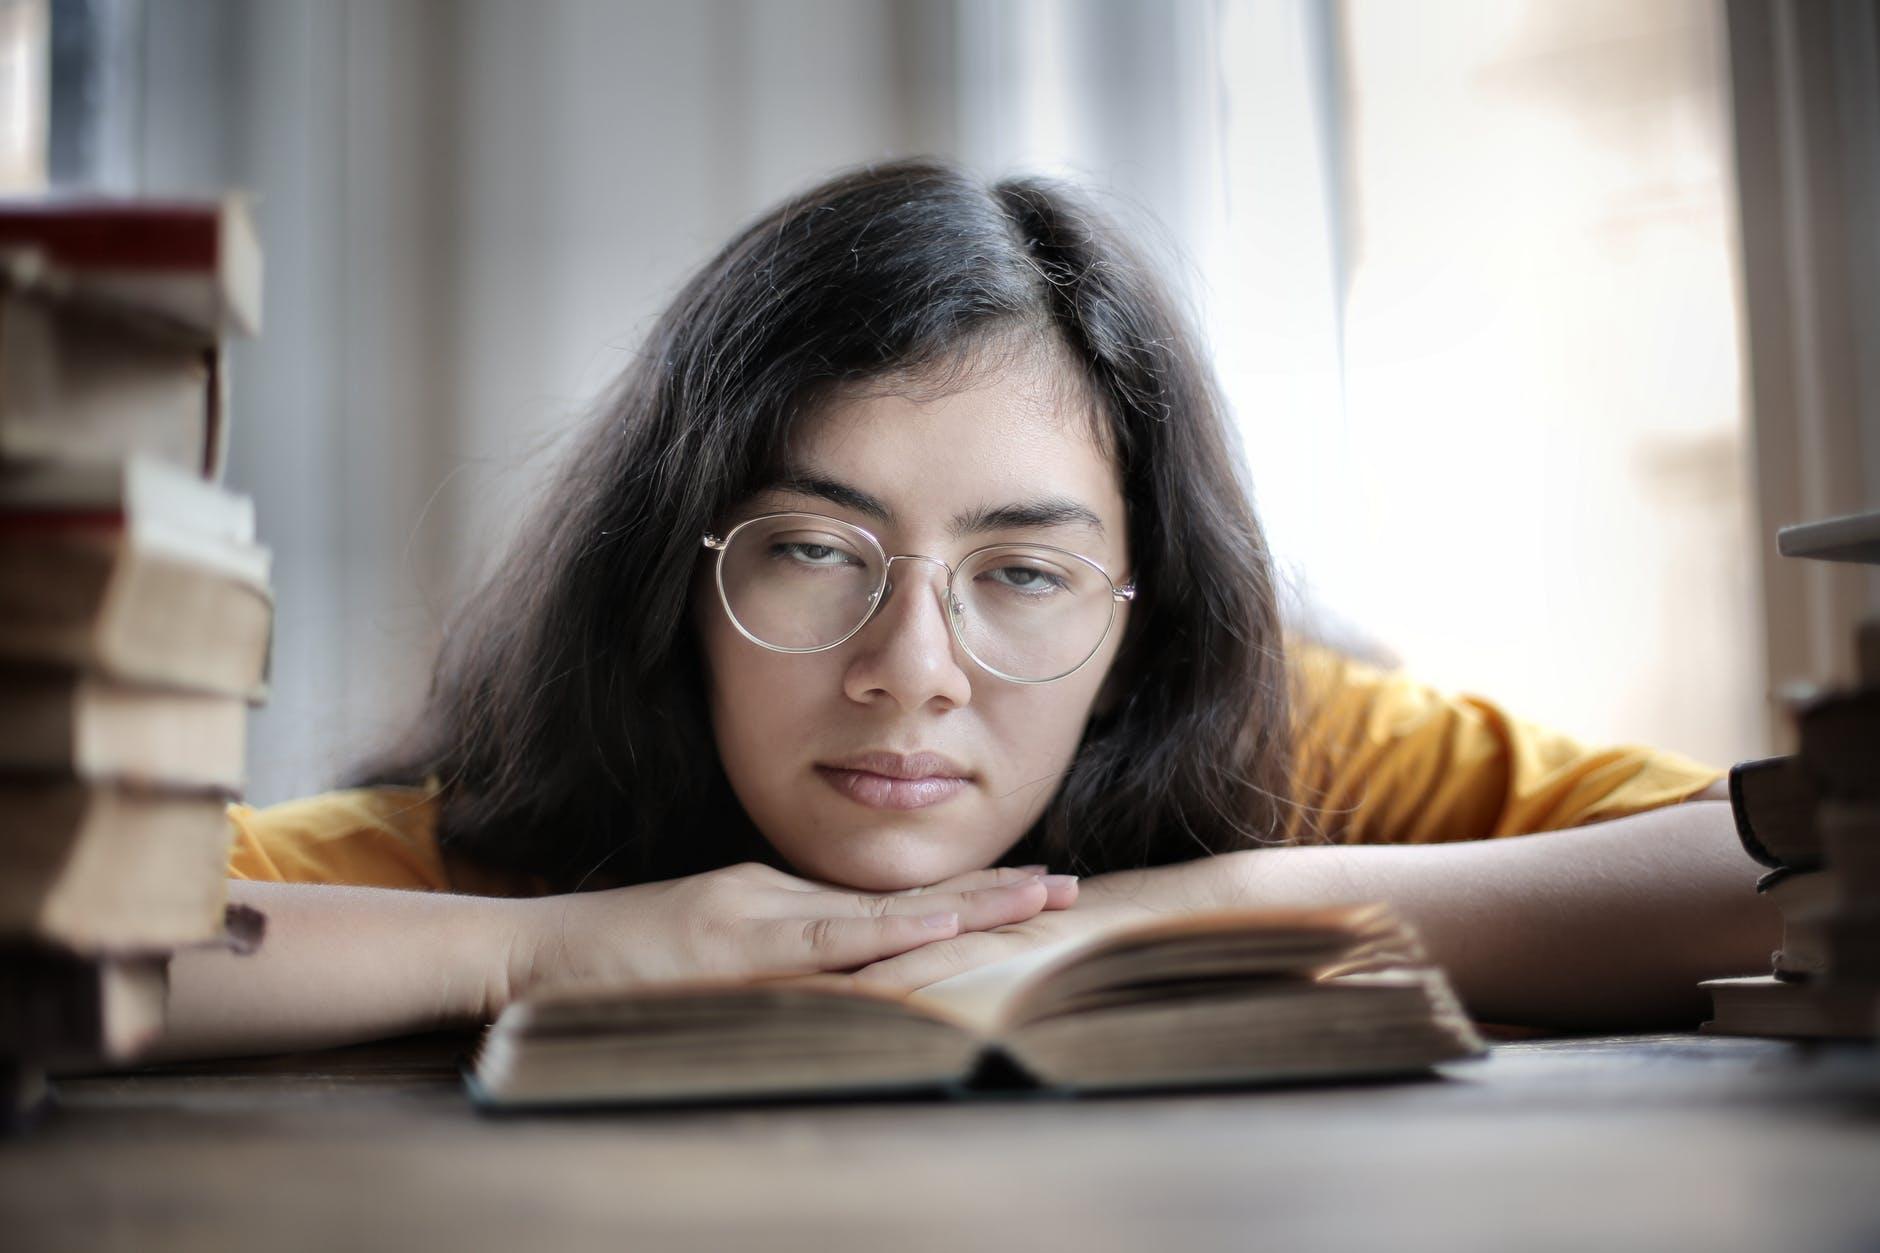 Onko opiskelu tylsää? Näillä vinkeillä muutat tilanteen